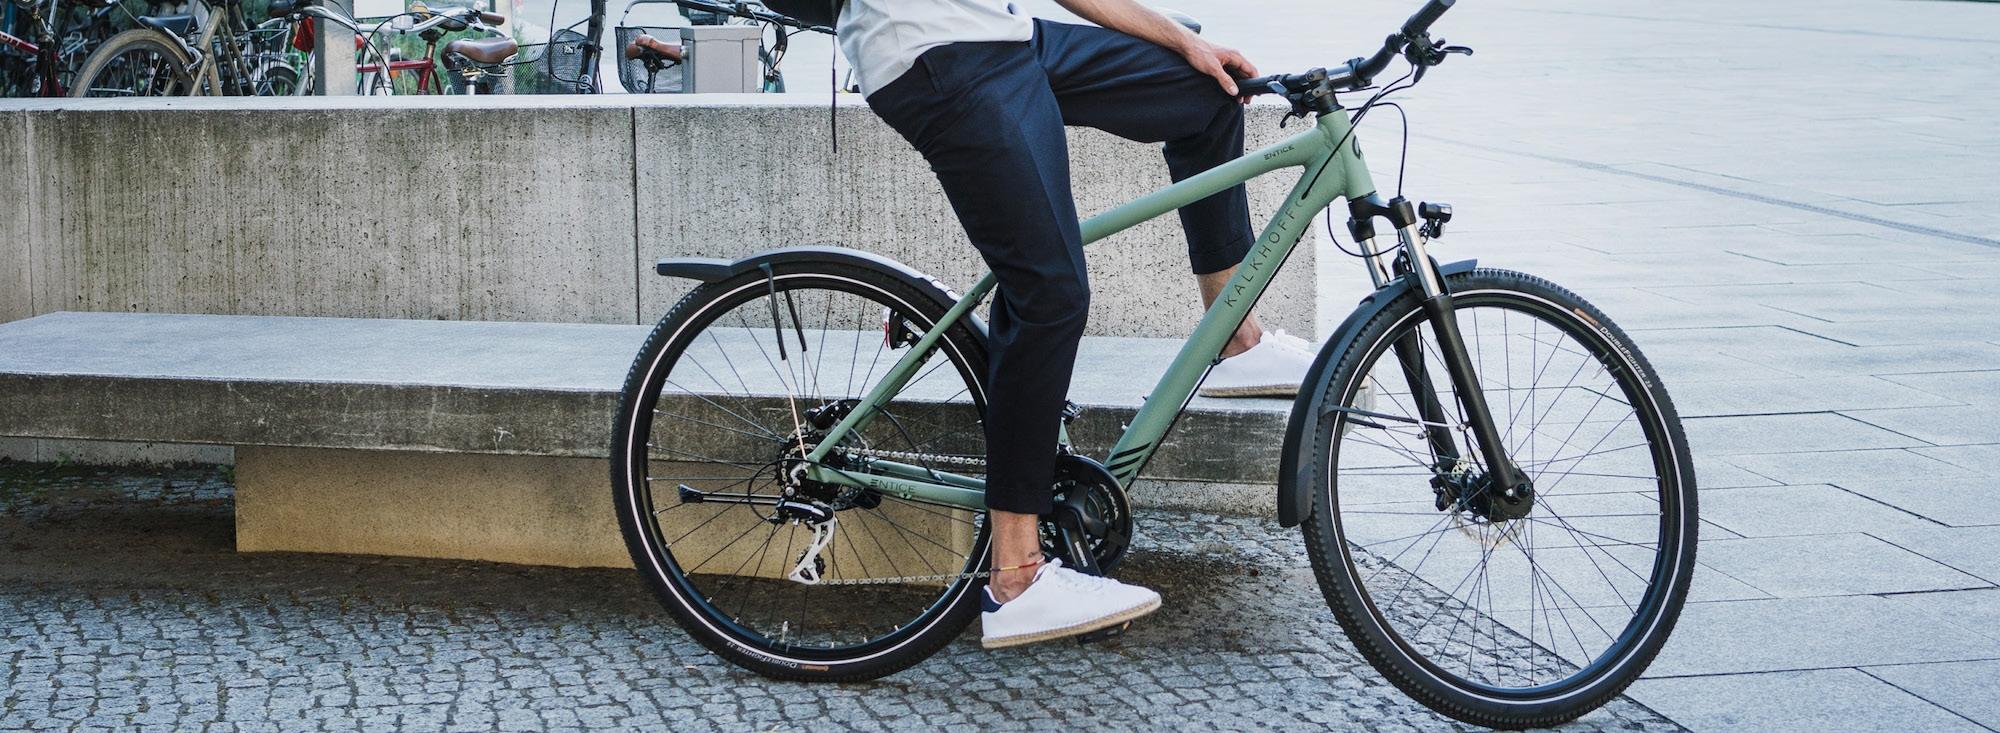 kalkhoff bikes. Black Bedroom Furniture Sets. Home Design Ideas